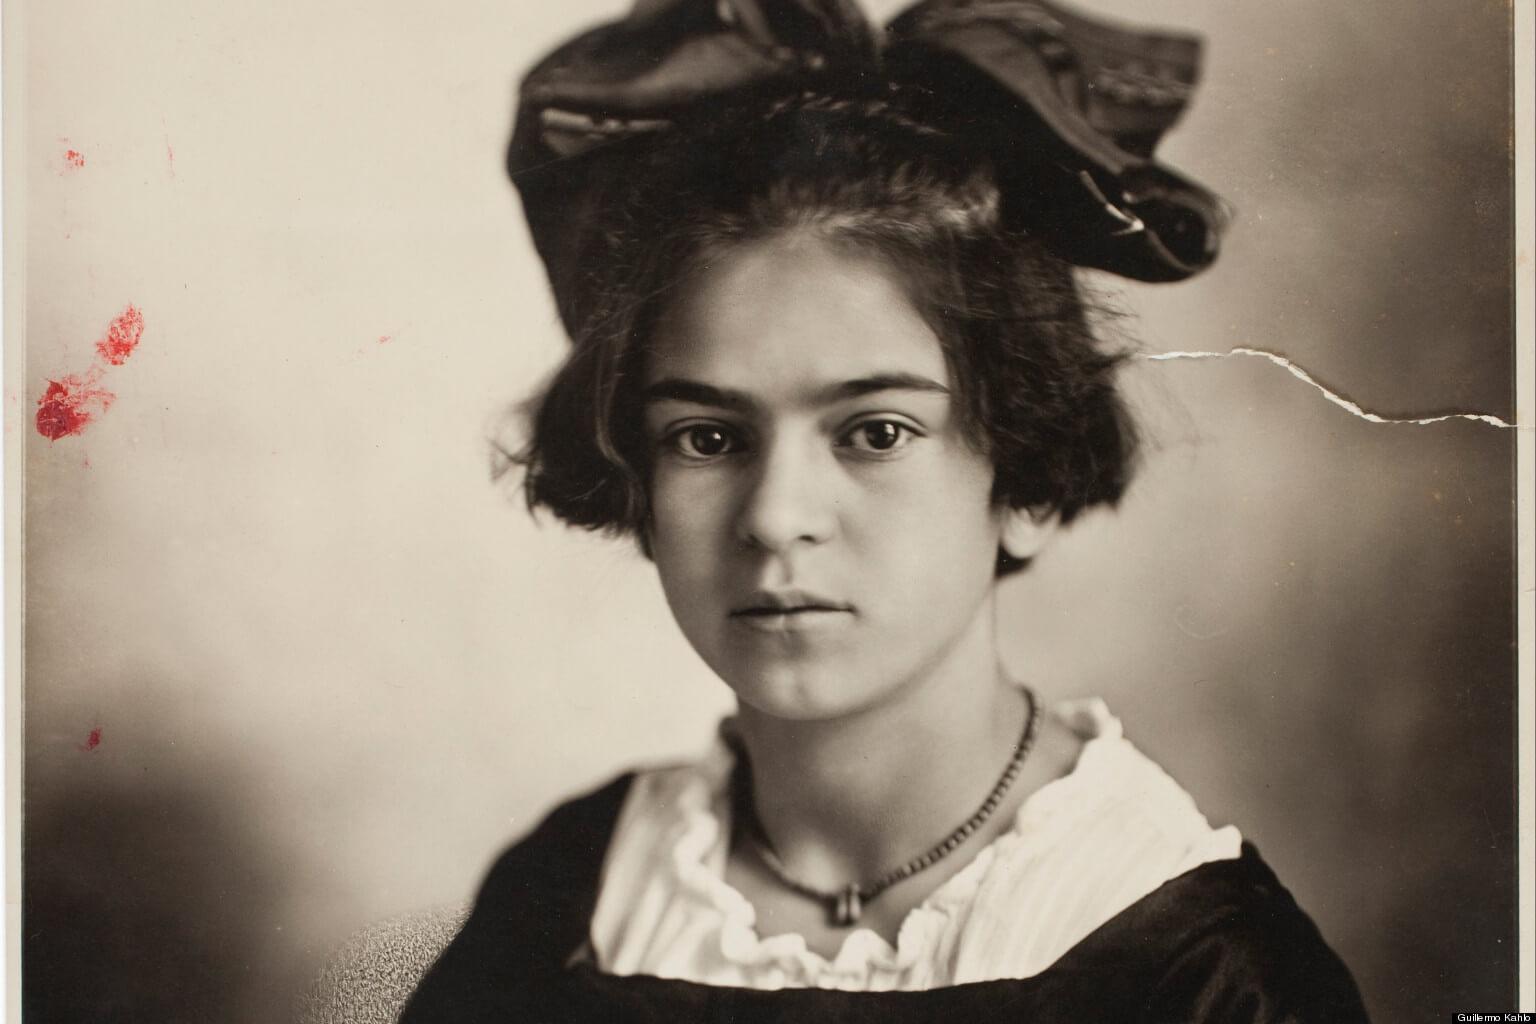 Se cumplen 113 años del nacimiento de la artista de ascendencia judía, Magdalena Carmen Frida Kahlo Calderón, mejor conocida como Frida Kahlo